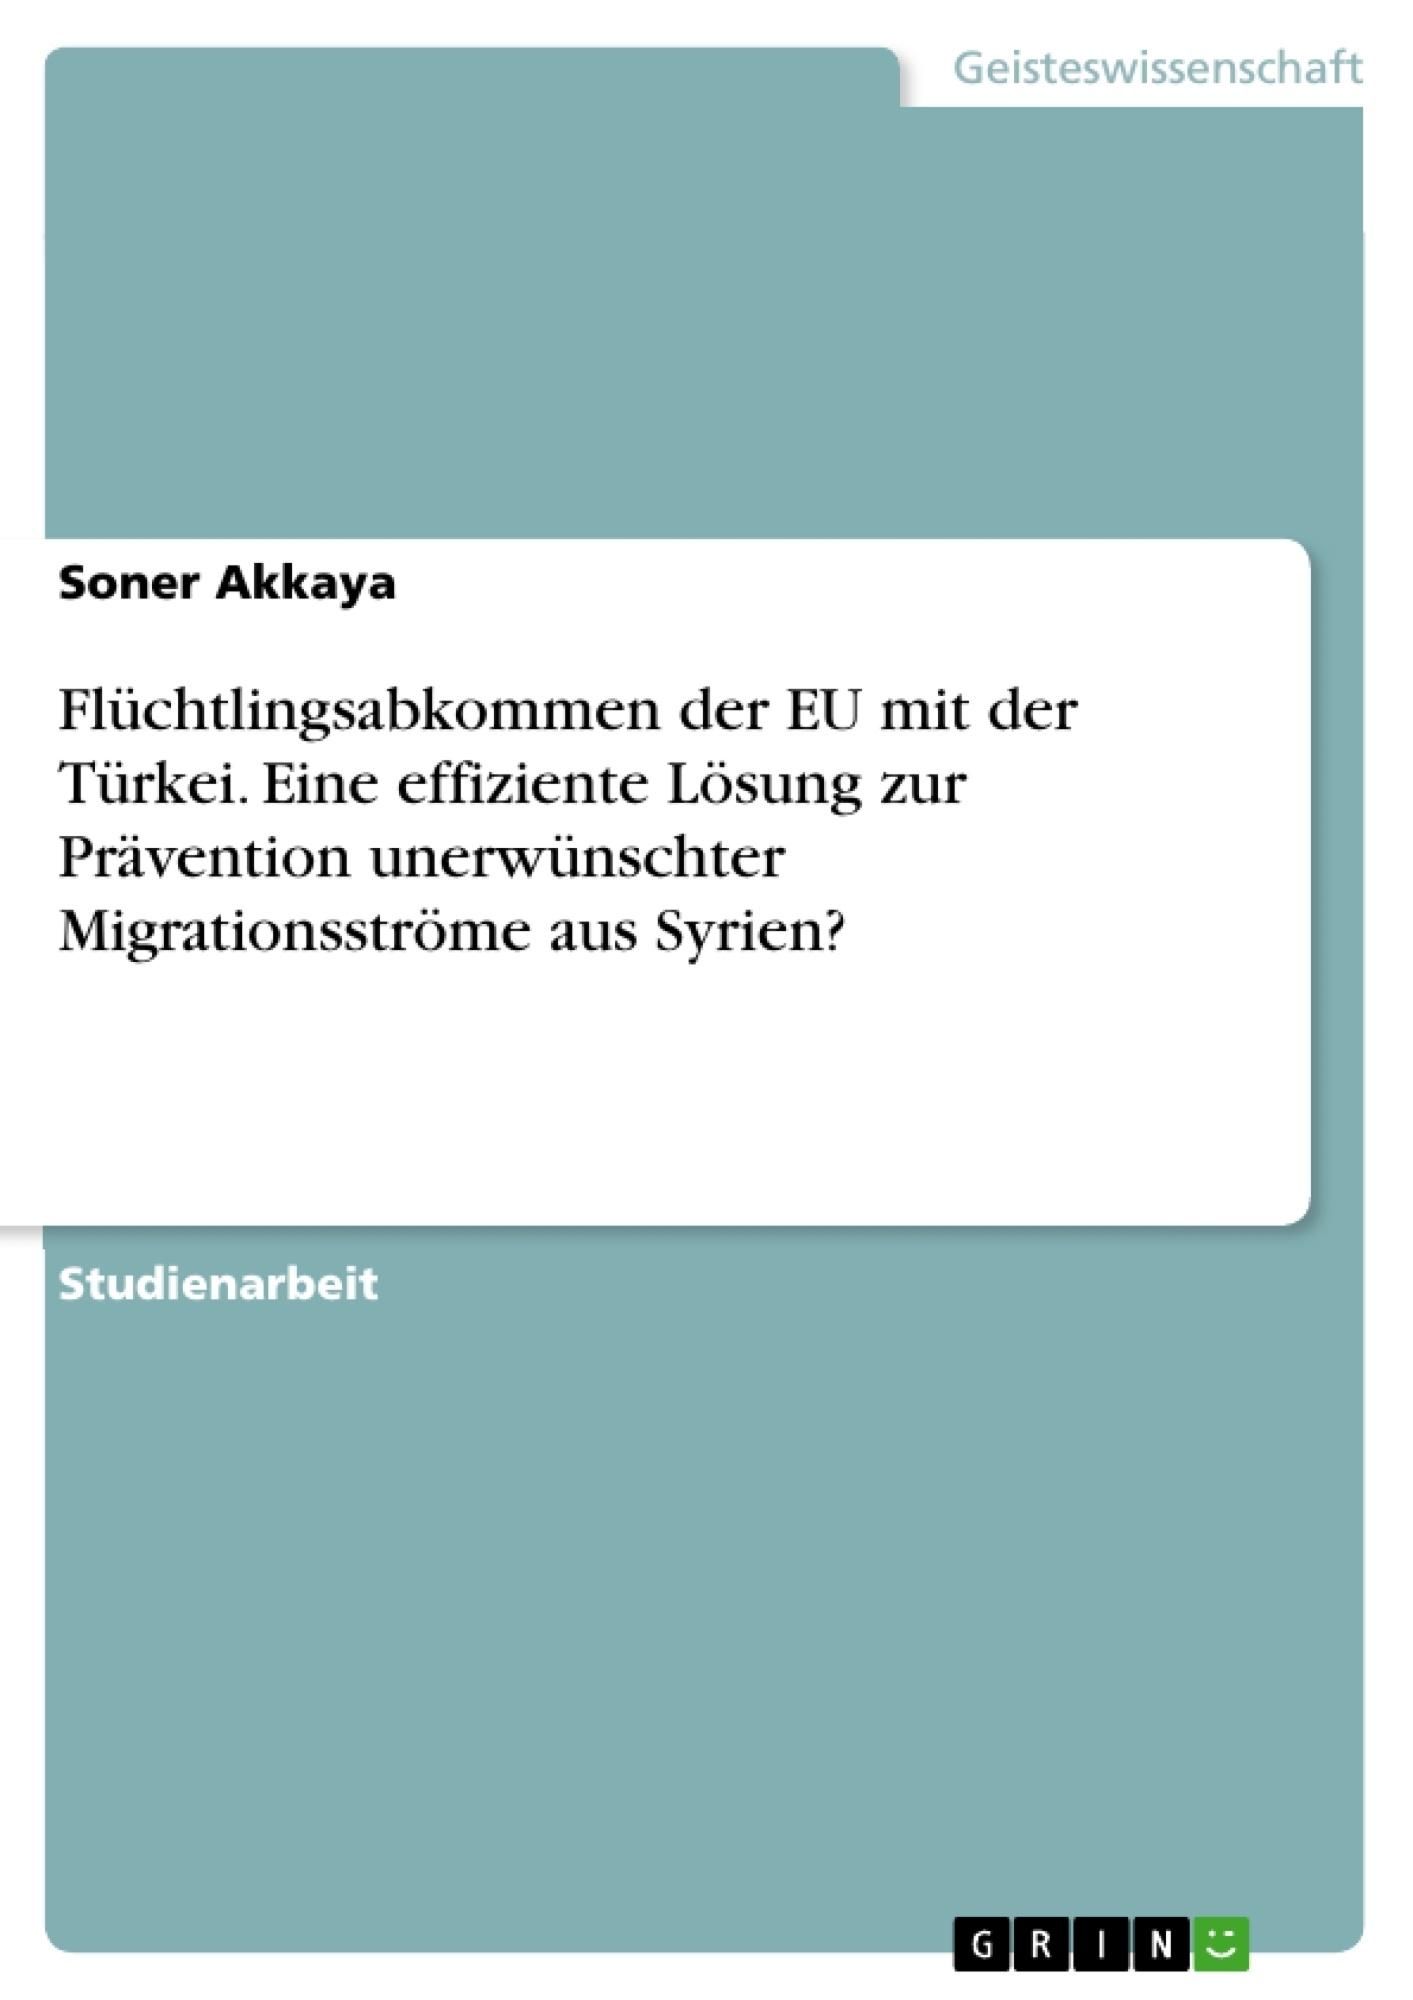 Titel: Flüchtlingsabkommen der EU mit der Türkei. Eine effiziente Lösung zur Prävention unerwünschter Migrationsströme aus Syrien?